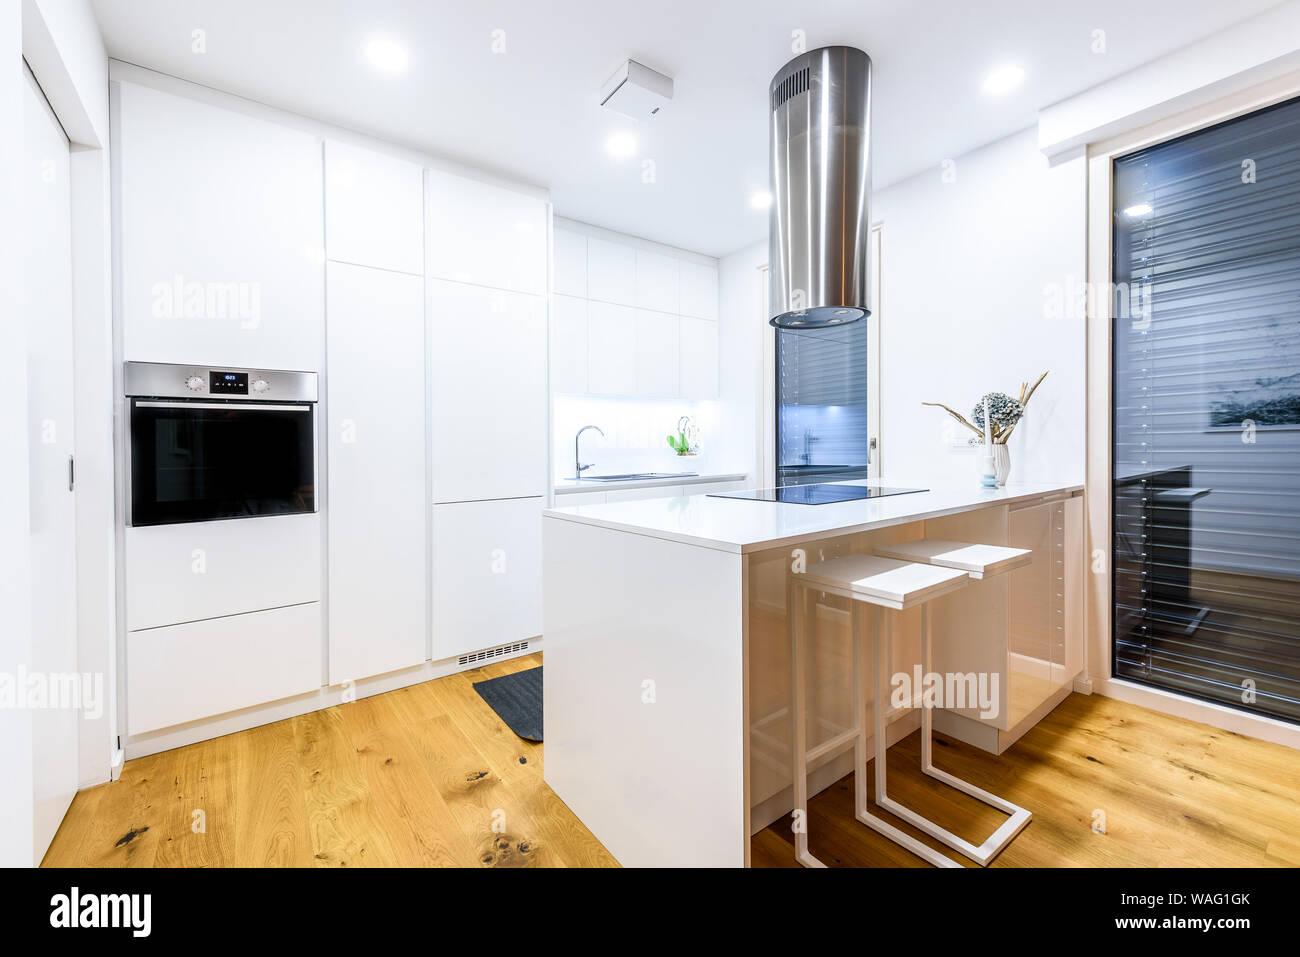 Interior design new modern white kitchen with kitchen ...